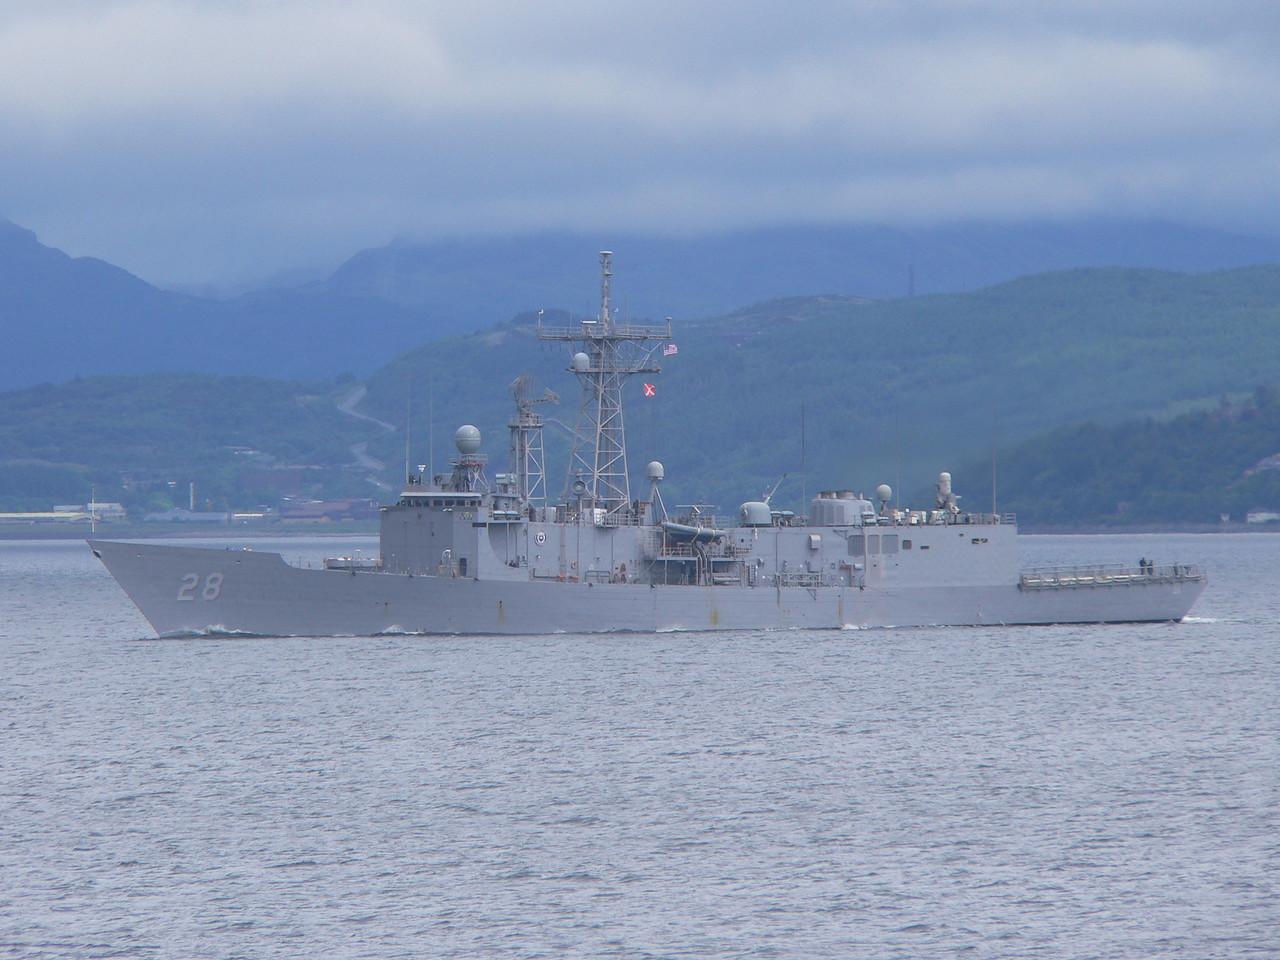 FFG-28 USS BOONE